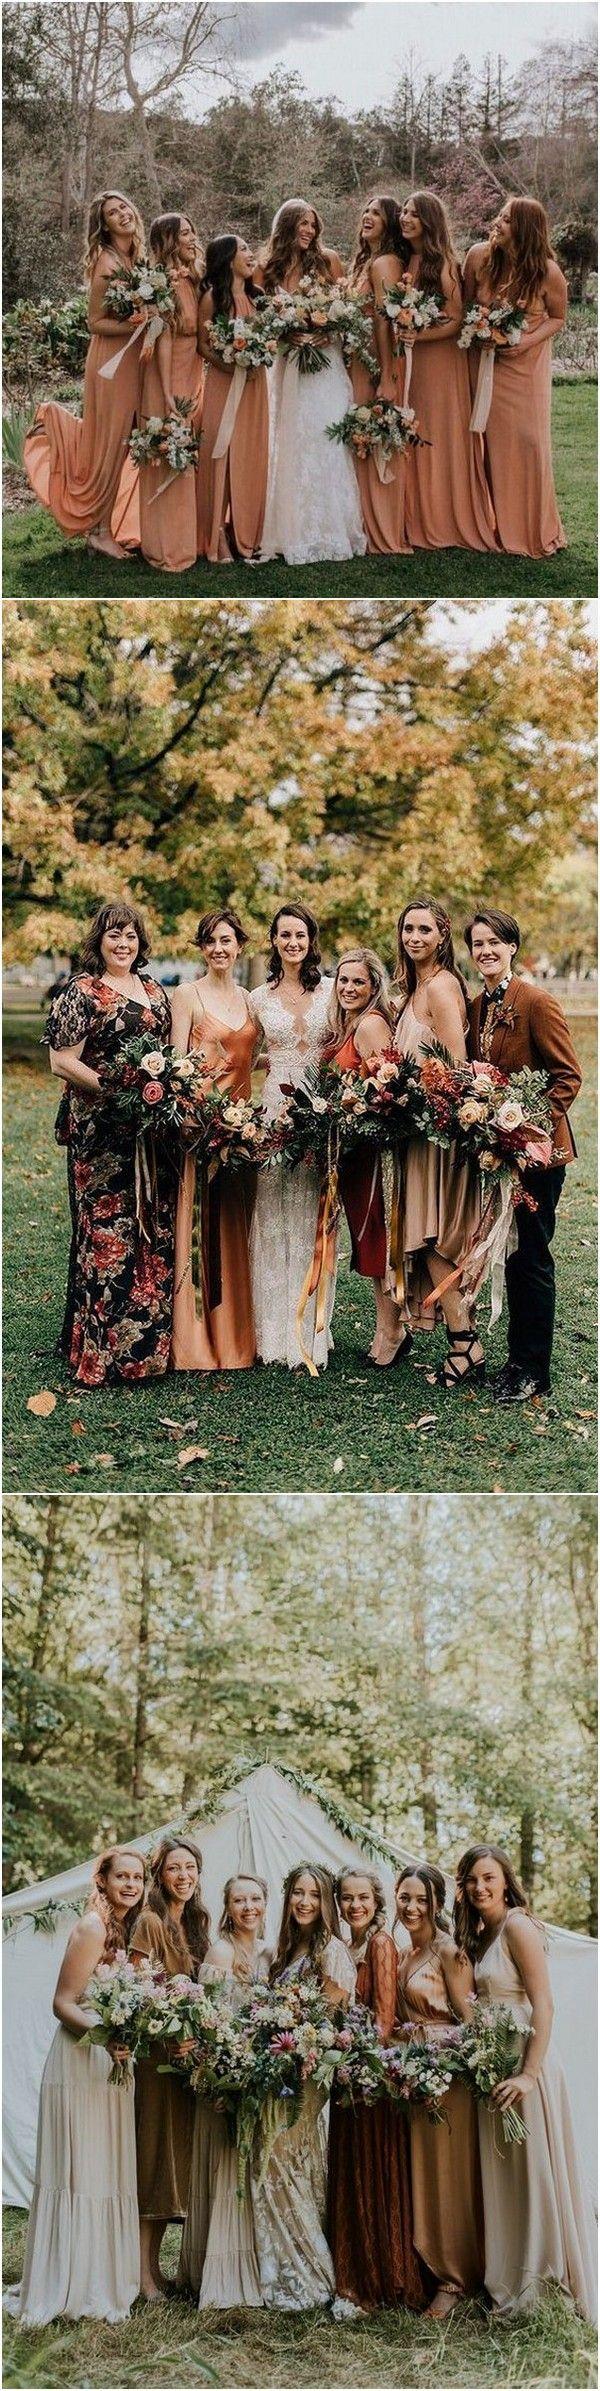 Wedding decorations 2019   Trending Amazing Sunset Orange Wedding Color Ideas  Page